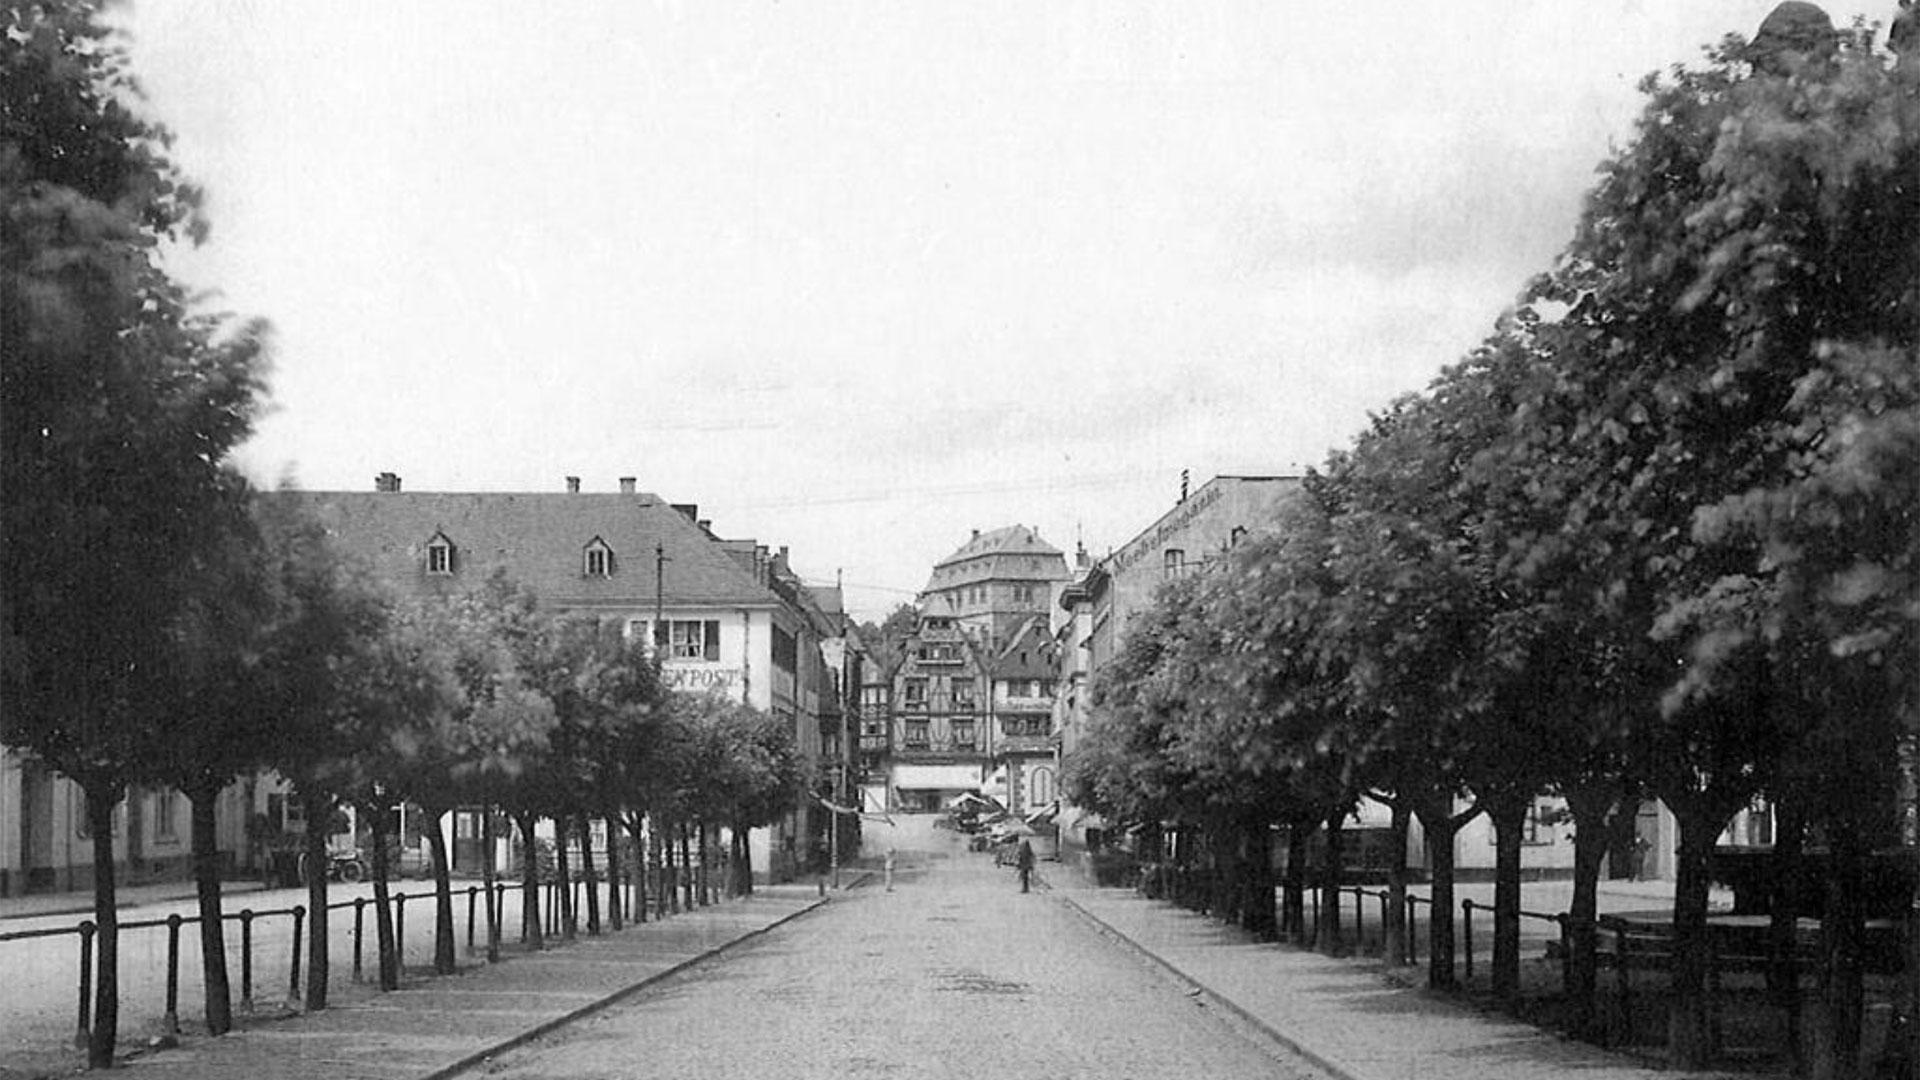 So sah der Neumarkt um 1900 aus: Zwei Baumreihen bildeten eine Allee. Foto: Aus Entwurf von Mann Landschaftsarchitektur.